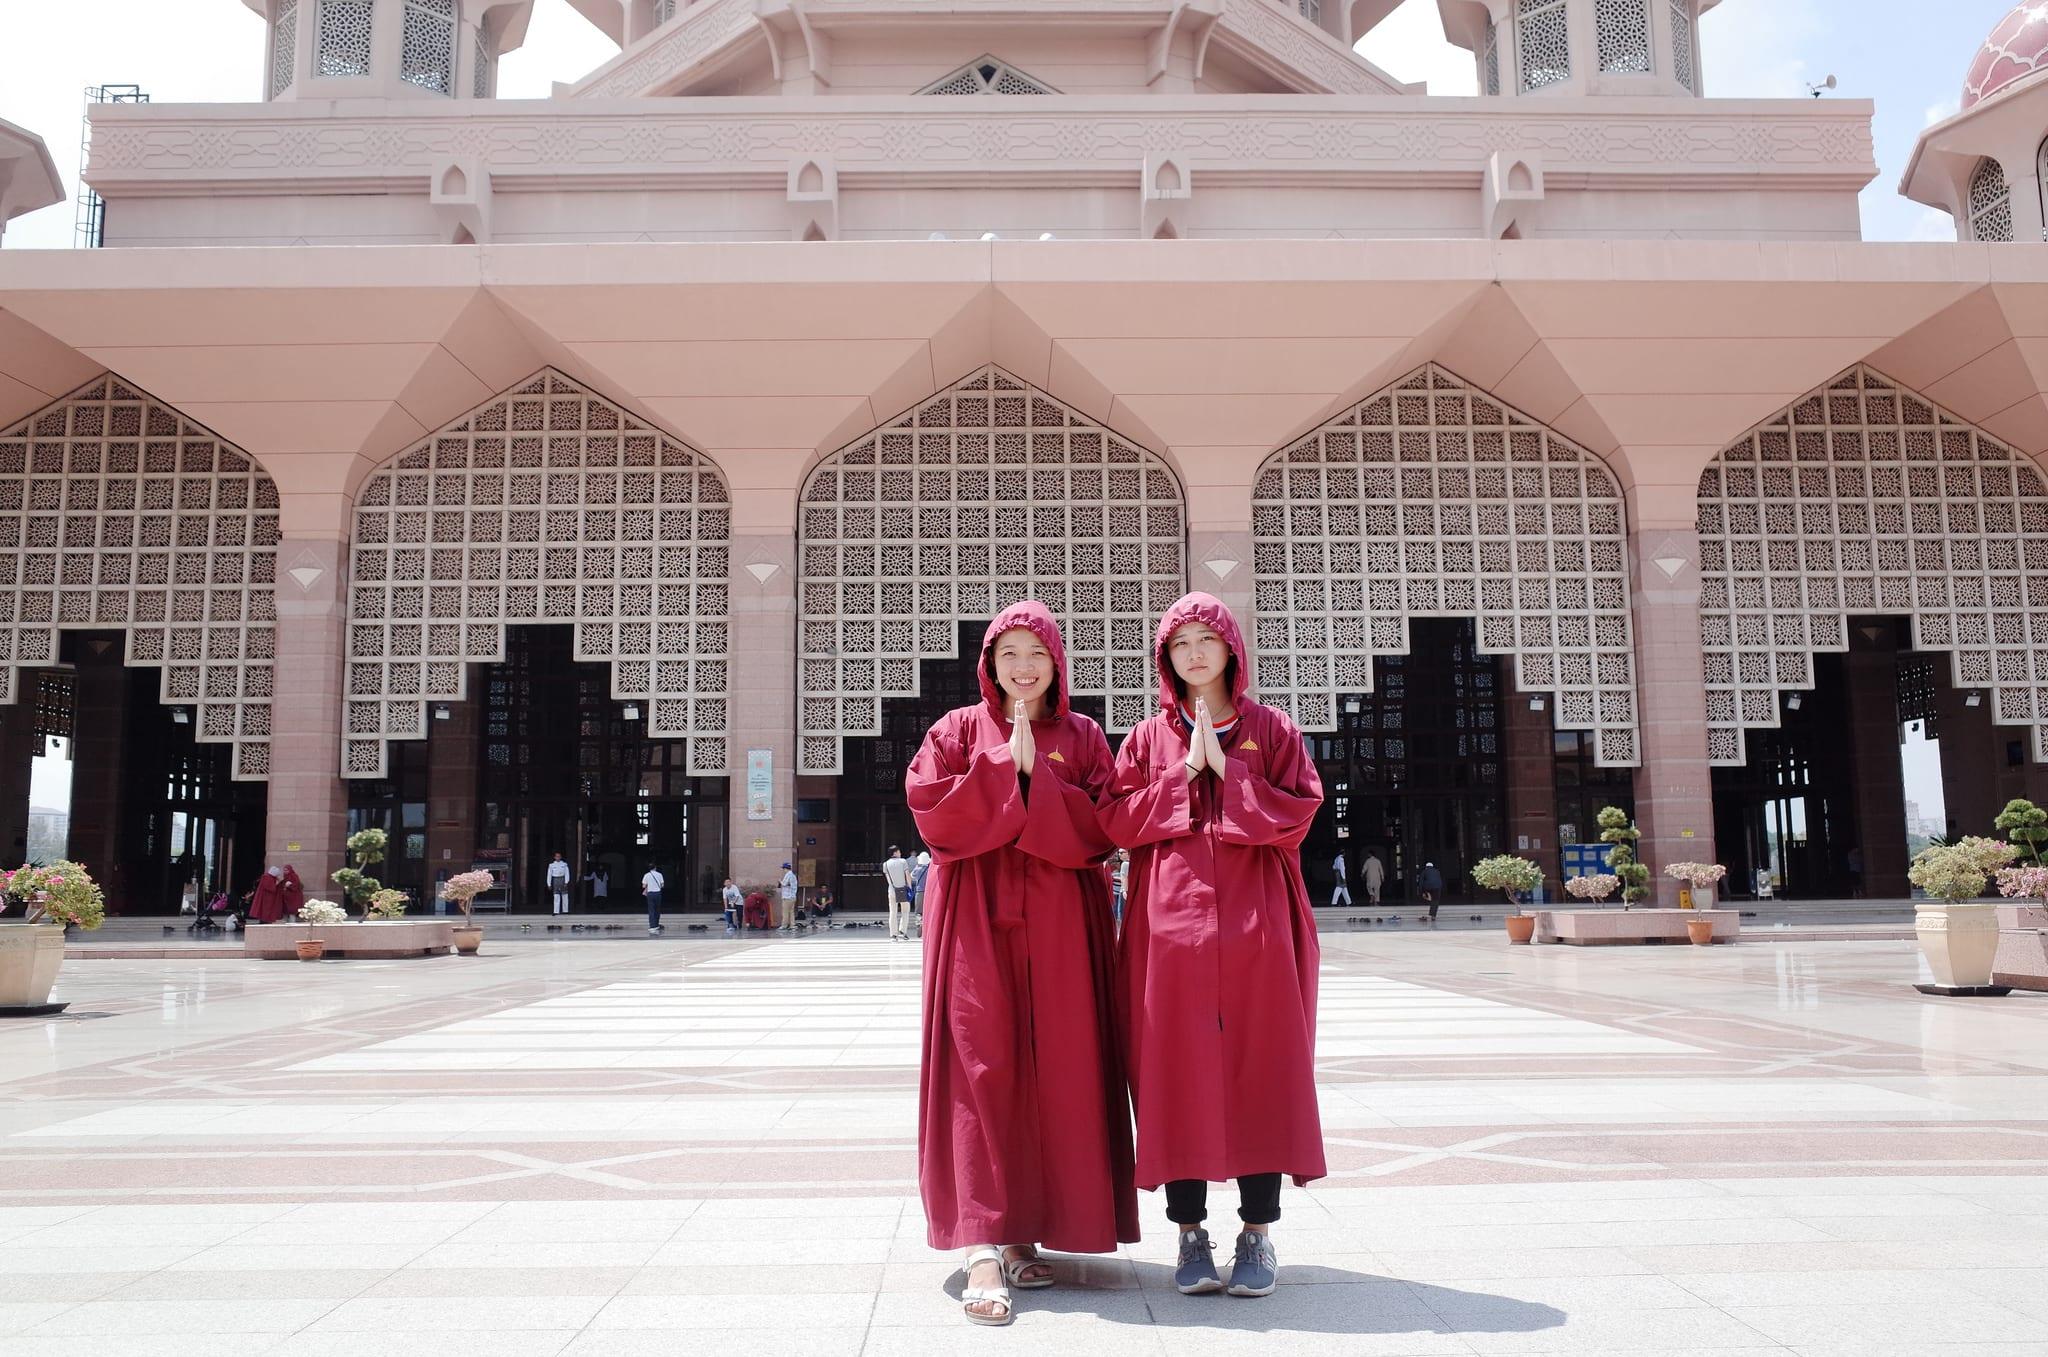 入境隨俗,穿上長袍才可以進入參觀。來源:http://bit.ly/2Nbh8Qa。